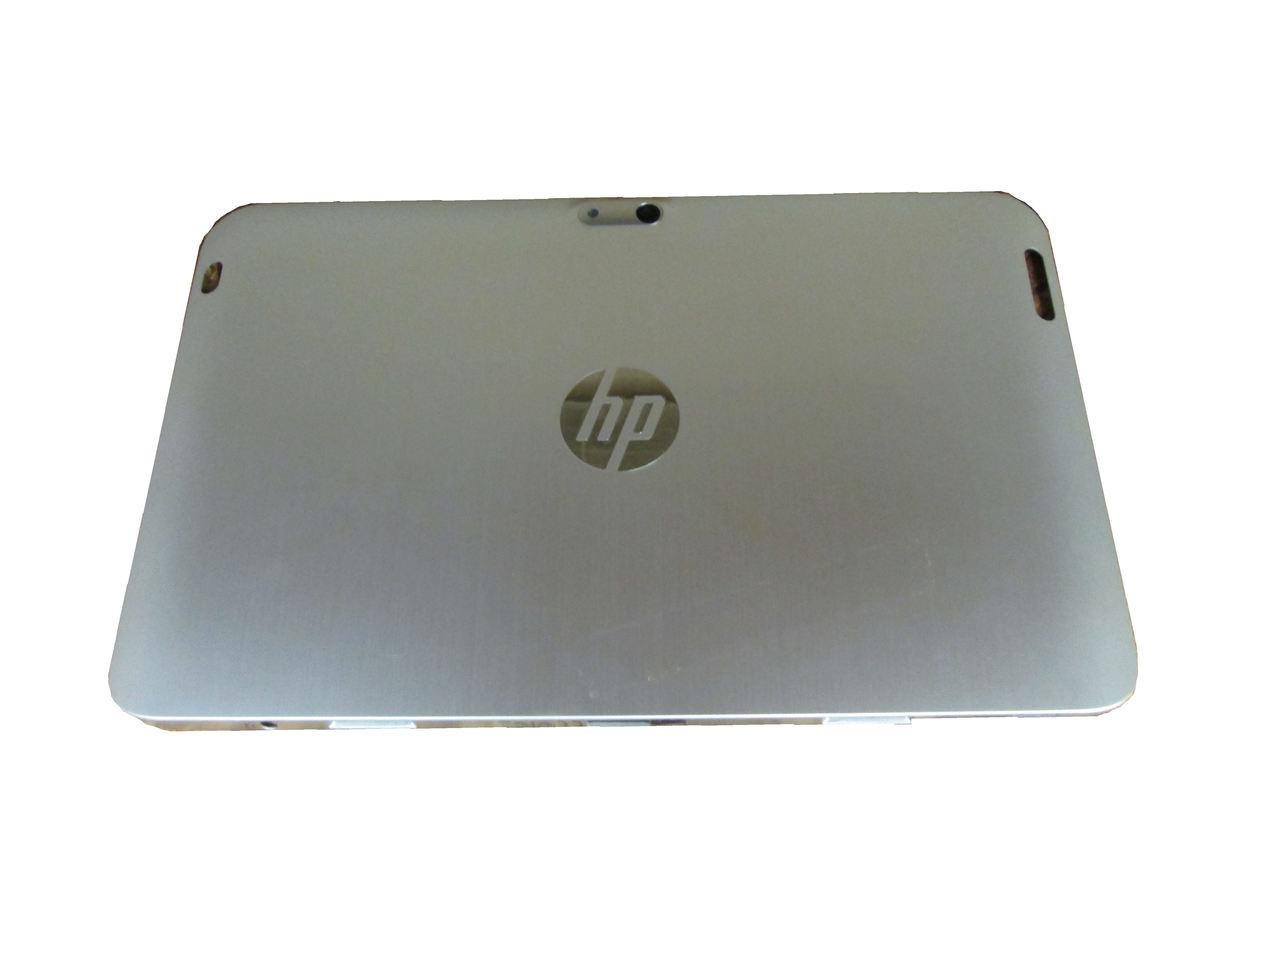 HP ENVY x2 11-g050br Broadcom Bluetooth Driver for Windows Mac